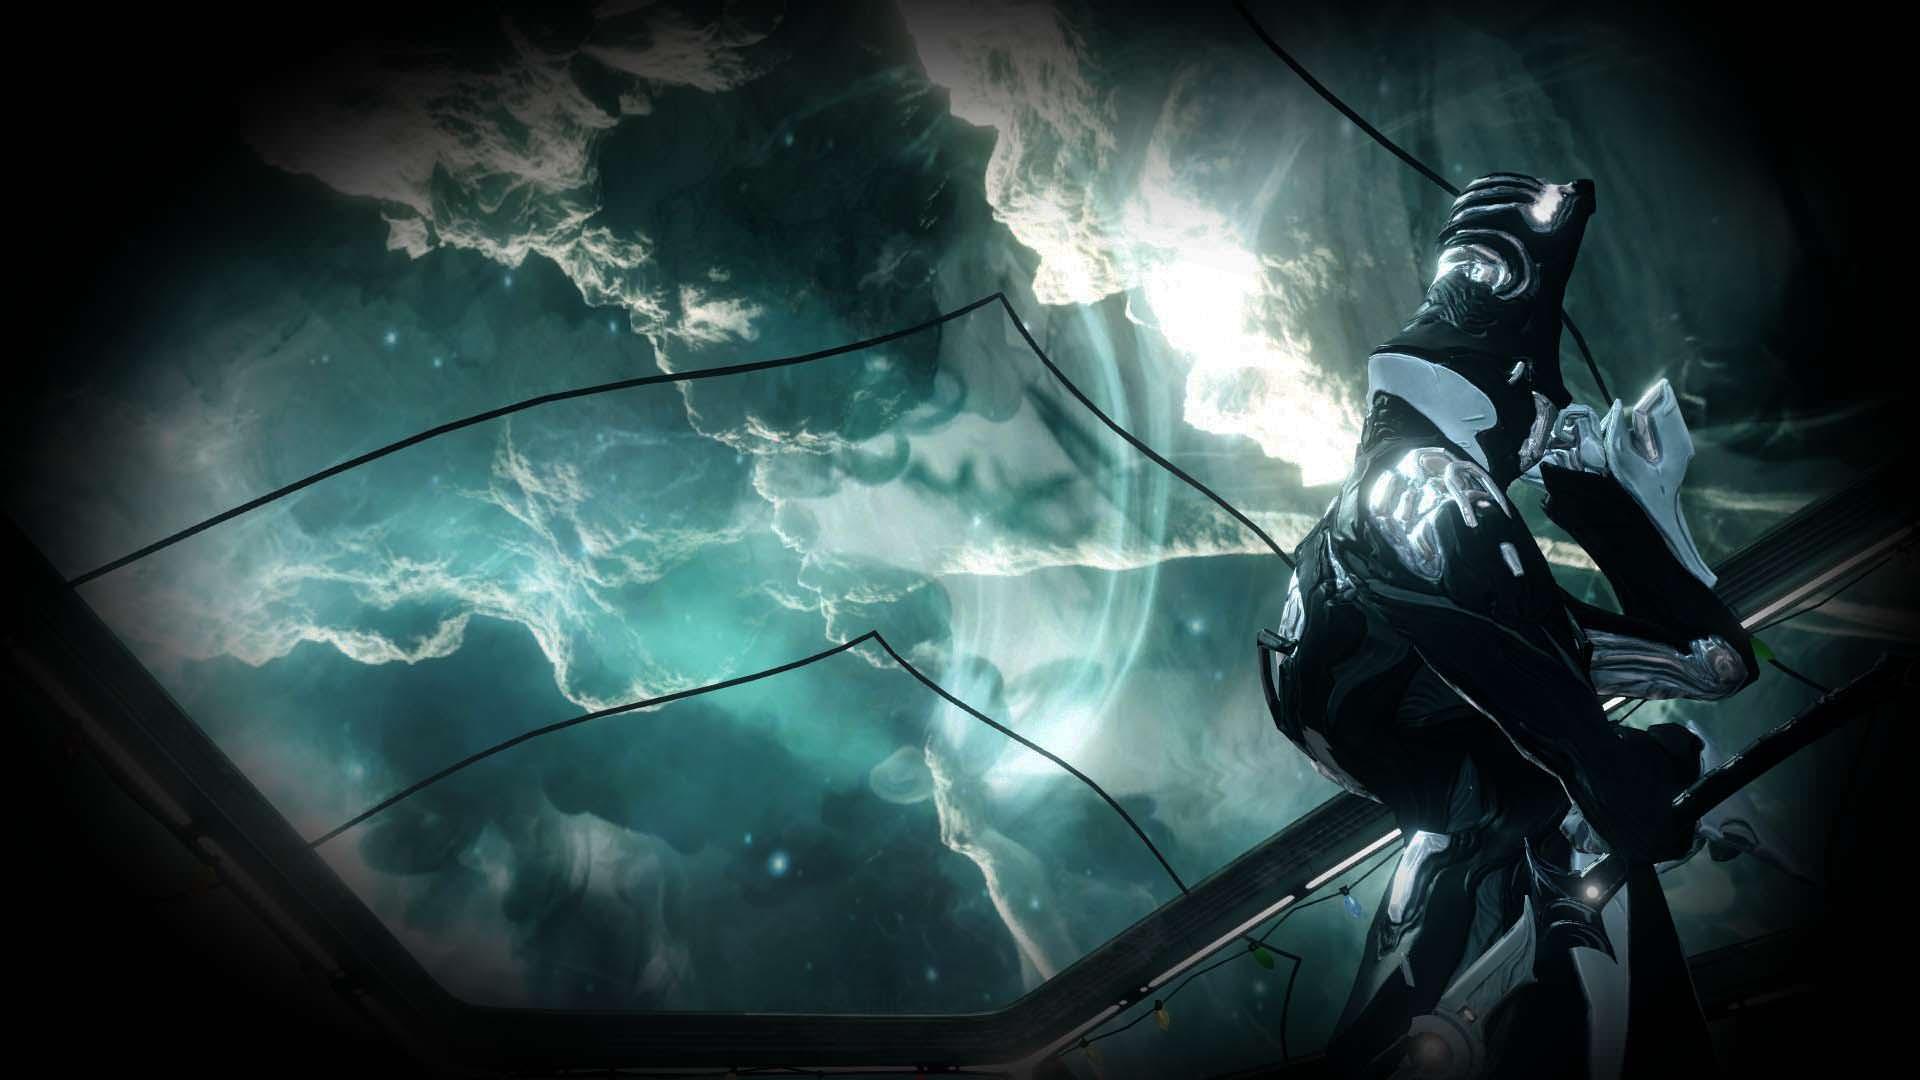 Chia sẻ 300 ảnh nền Full HD chủ đề game, viễn tưởng đẹp mắt cho PC